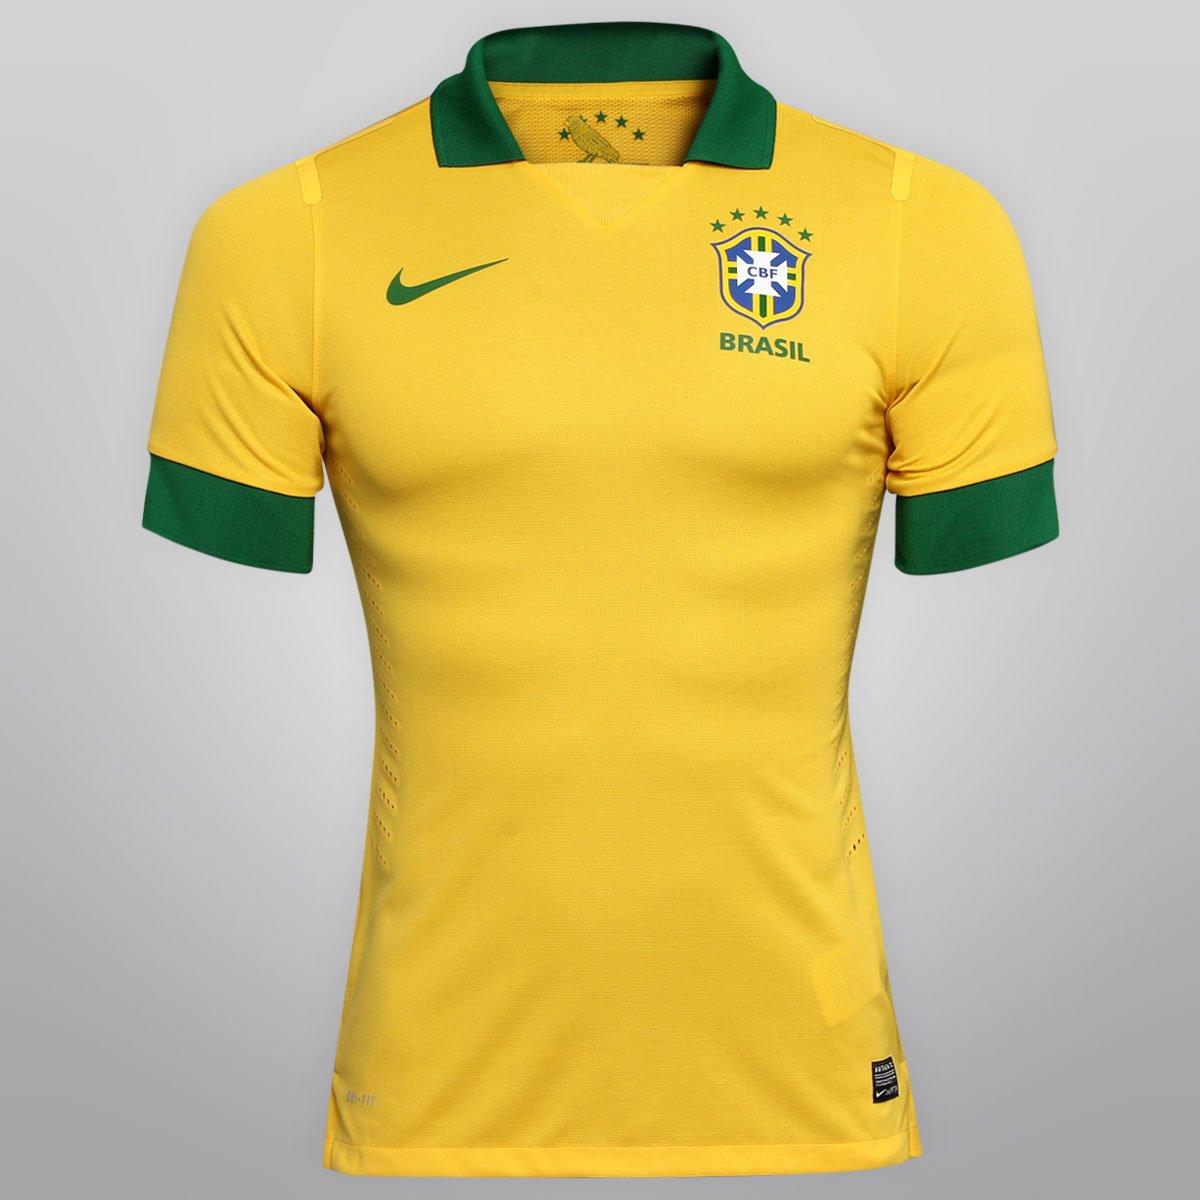 17818ea672 Camisa Nike Seleção Brasil I 2013 s nº - Jogador - Compre Agora ...